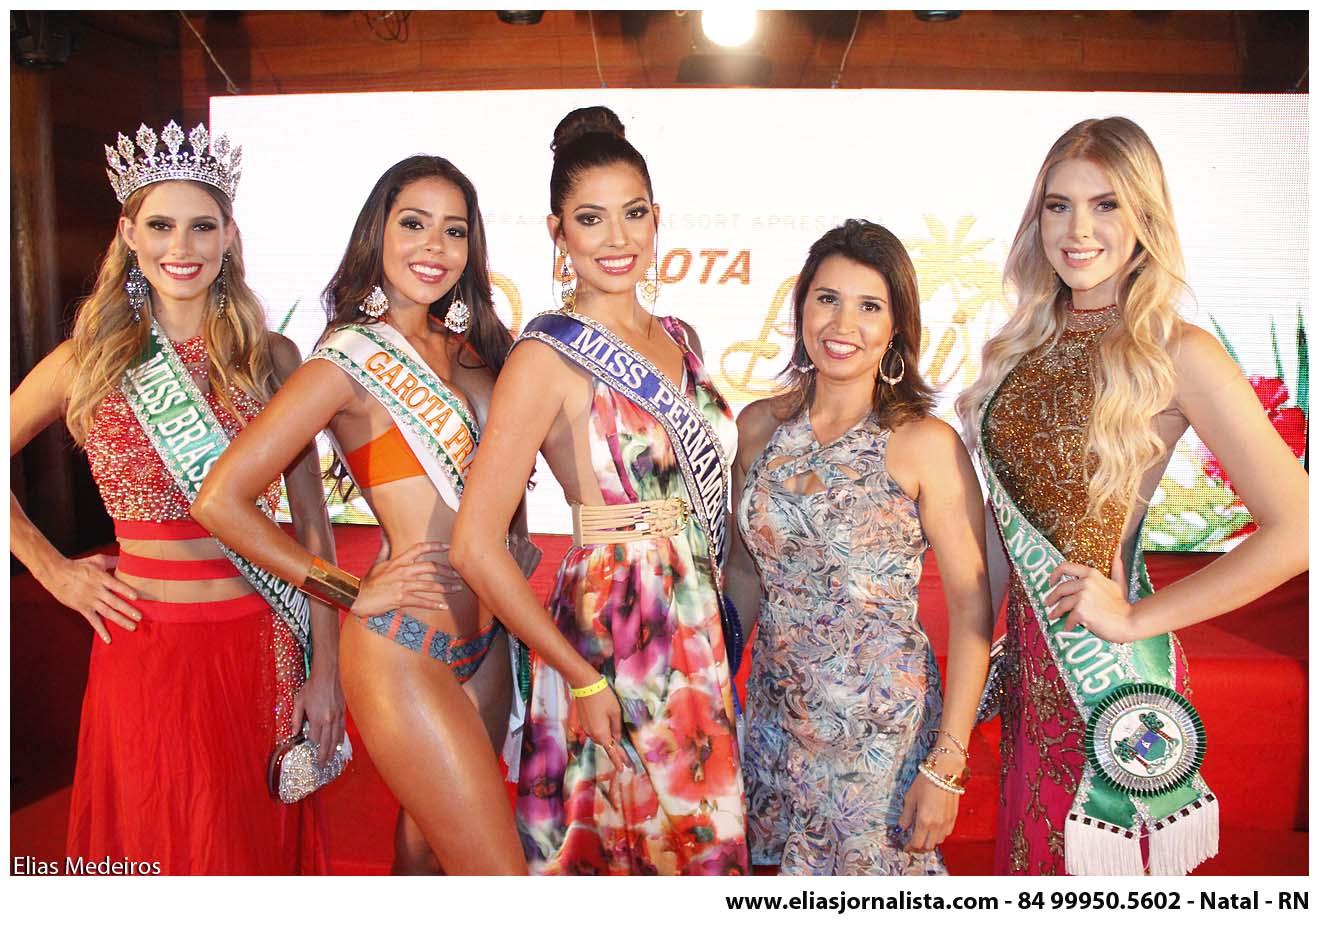 miss pernambuco universo 2015: sayonara veras. - Página 6 MG_0092